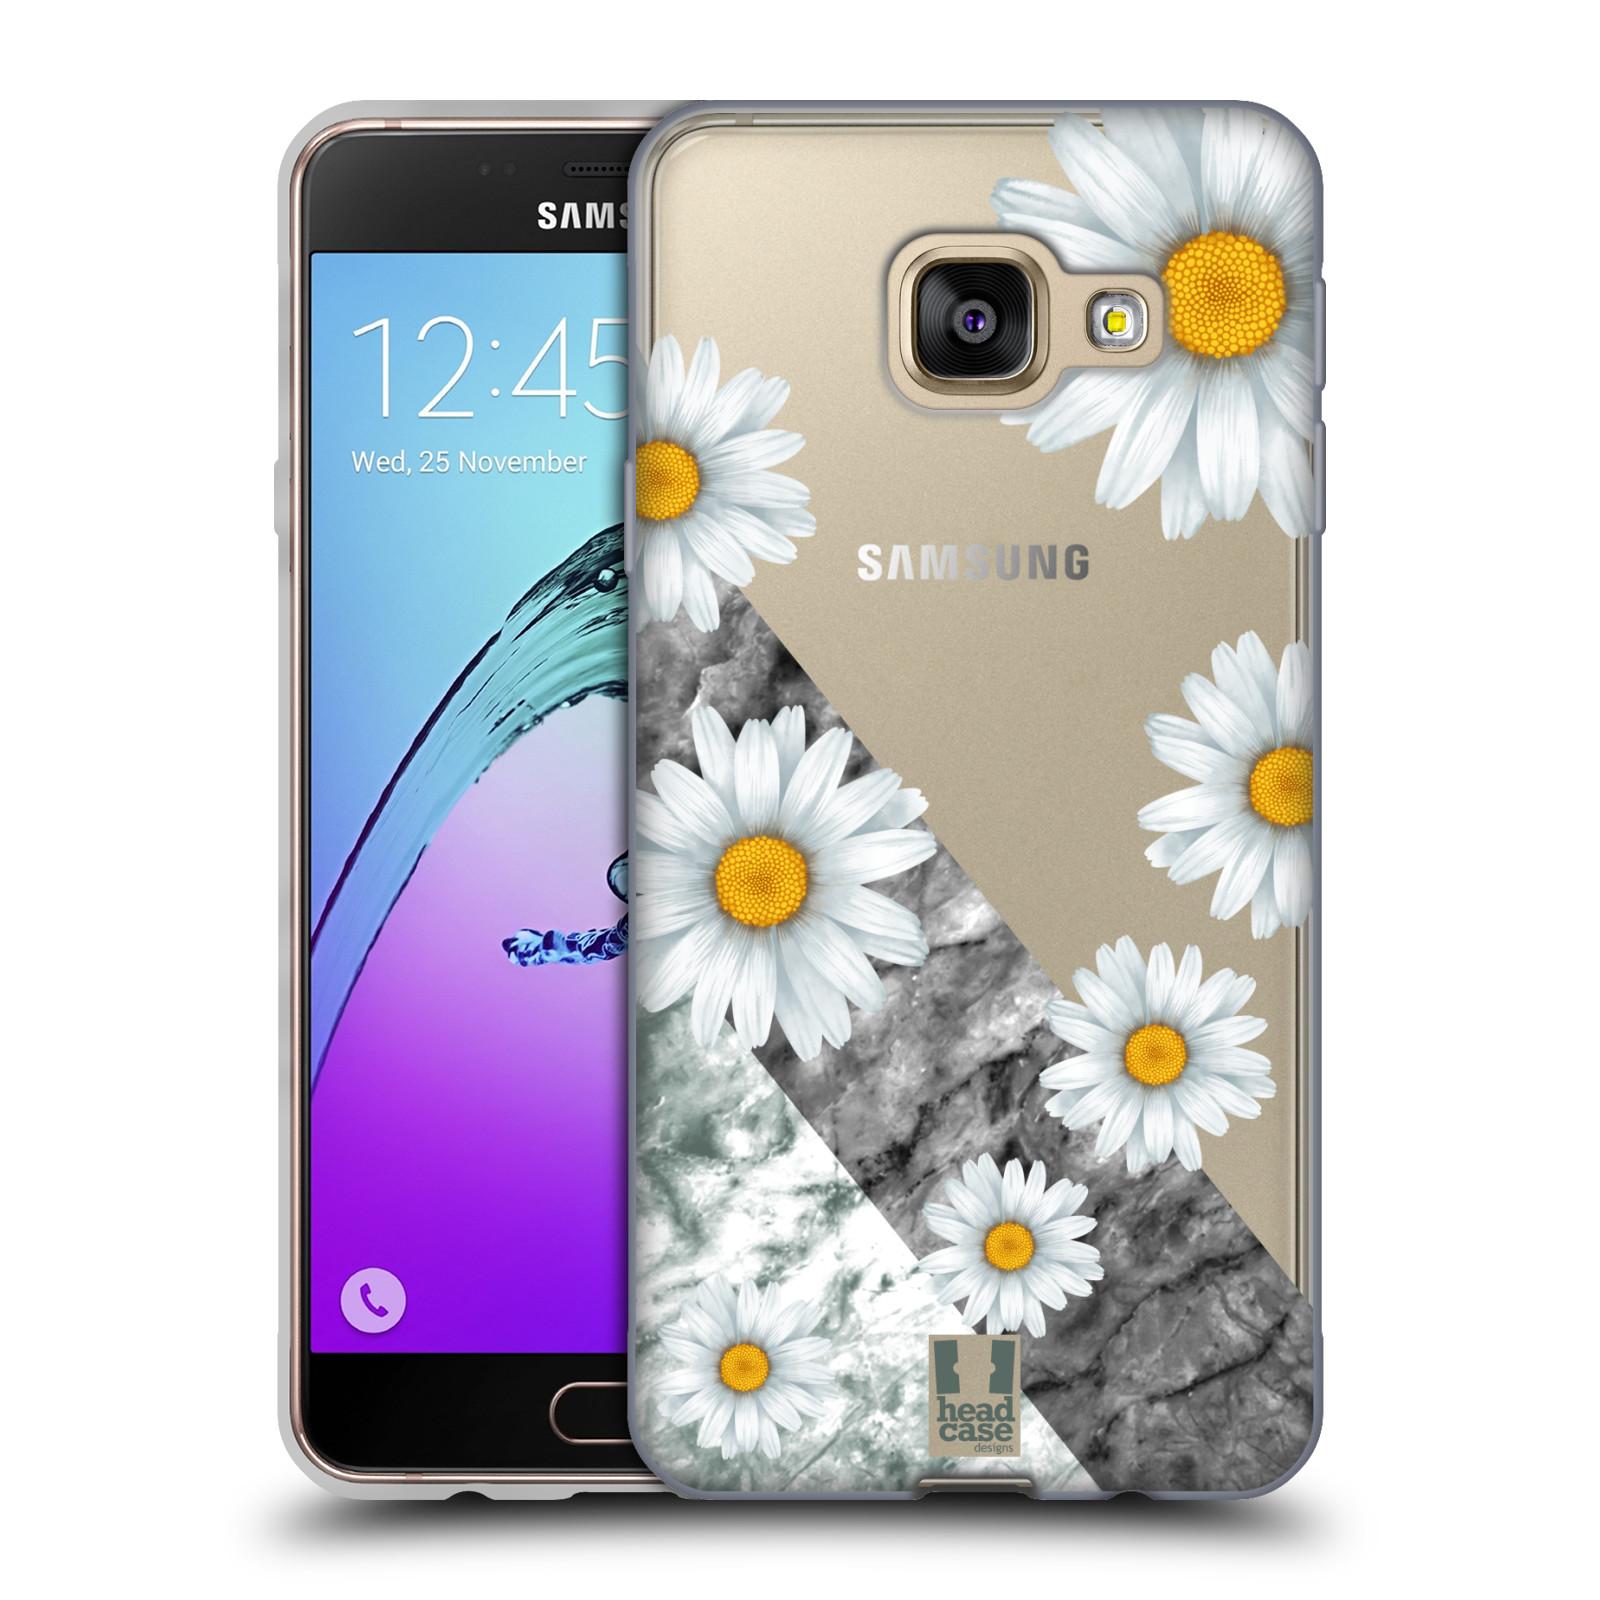 Silikonové pouzdro na mobil Samsung Galaxy A3 (2016) - Head Case - Kopretiny a mramor